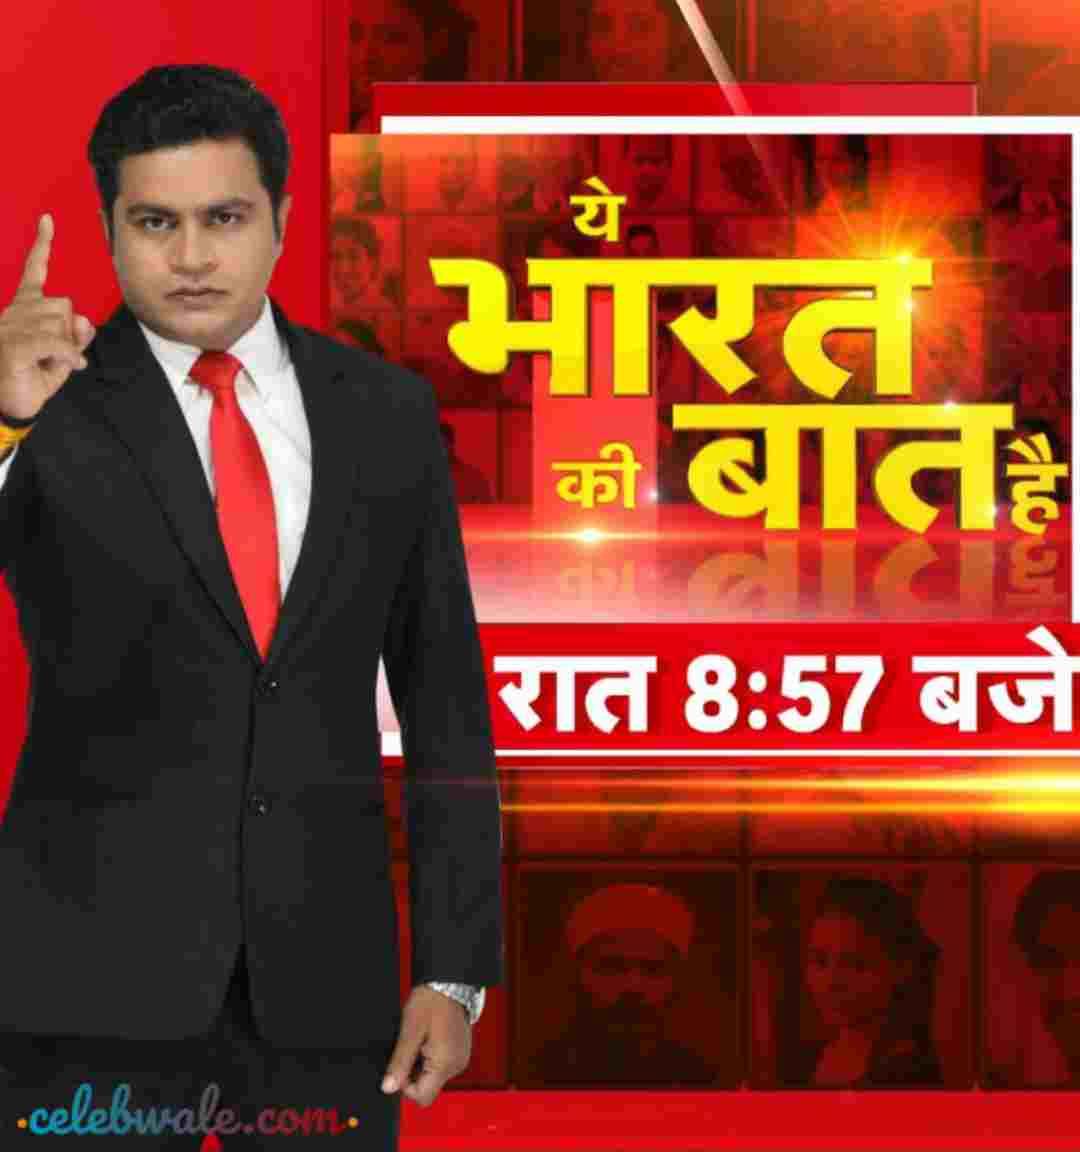 Vikas Sharma in his show ye bharat ki baat hai